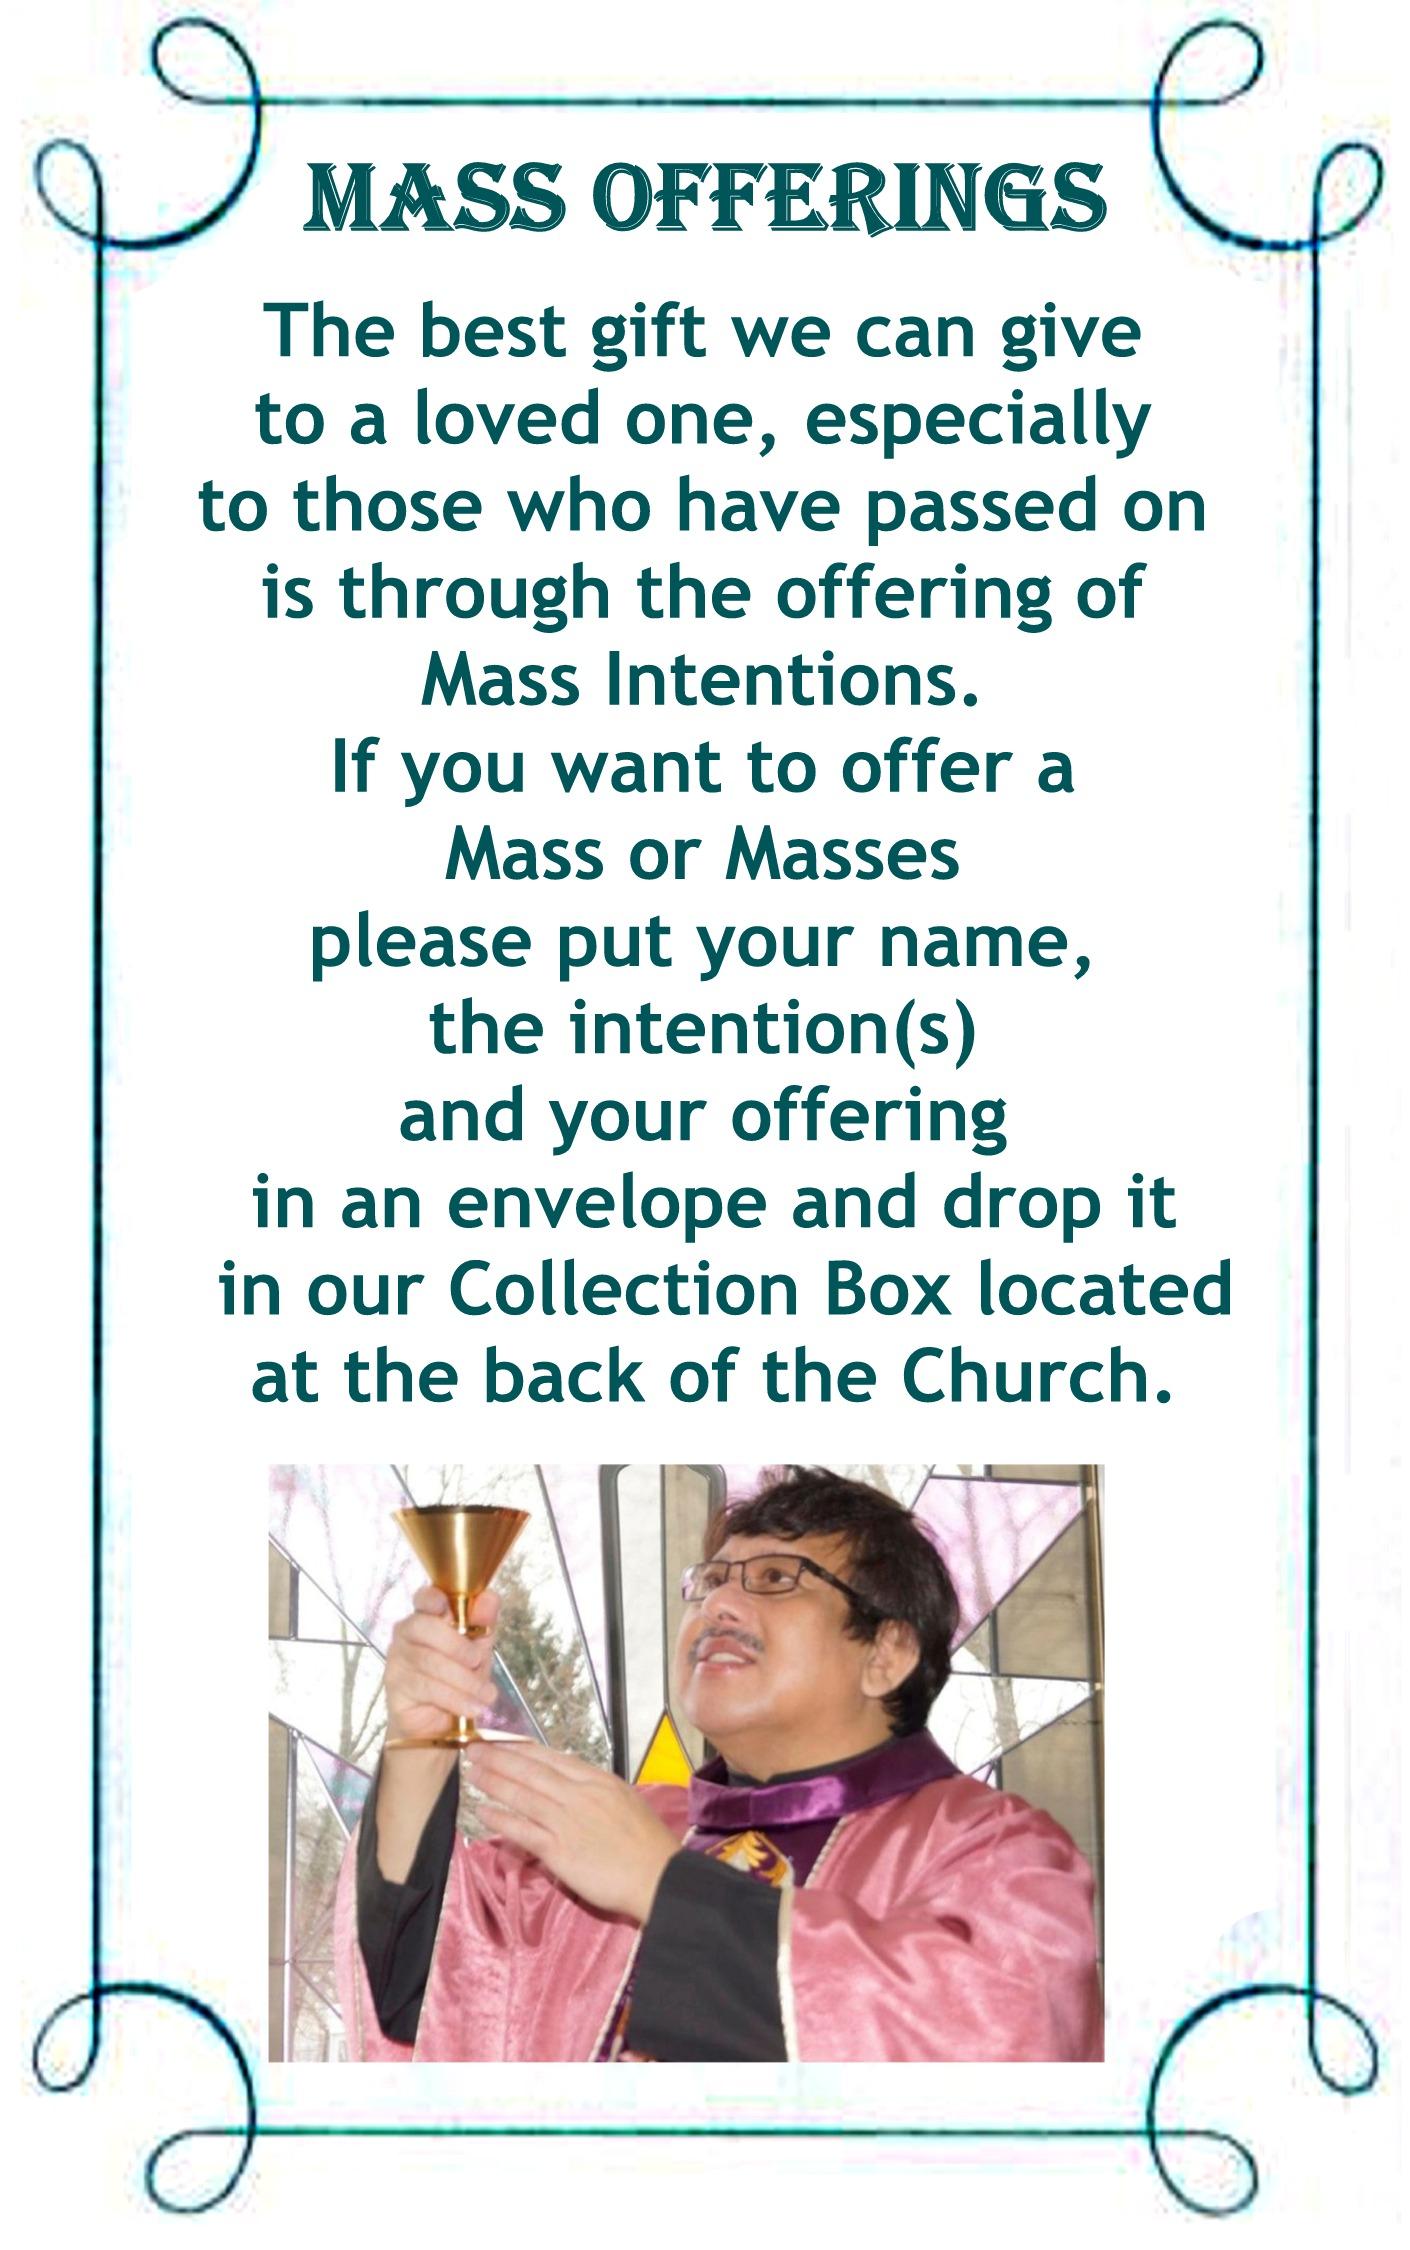 St. Louis - Mass Offerings - Sept 2020